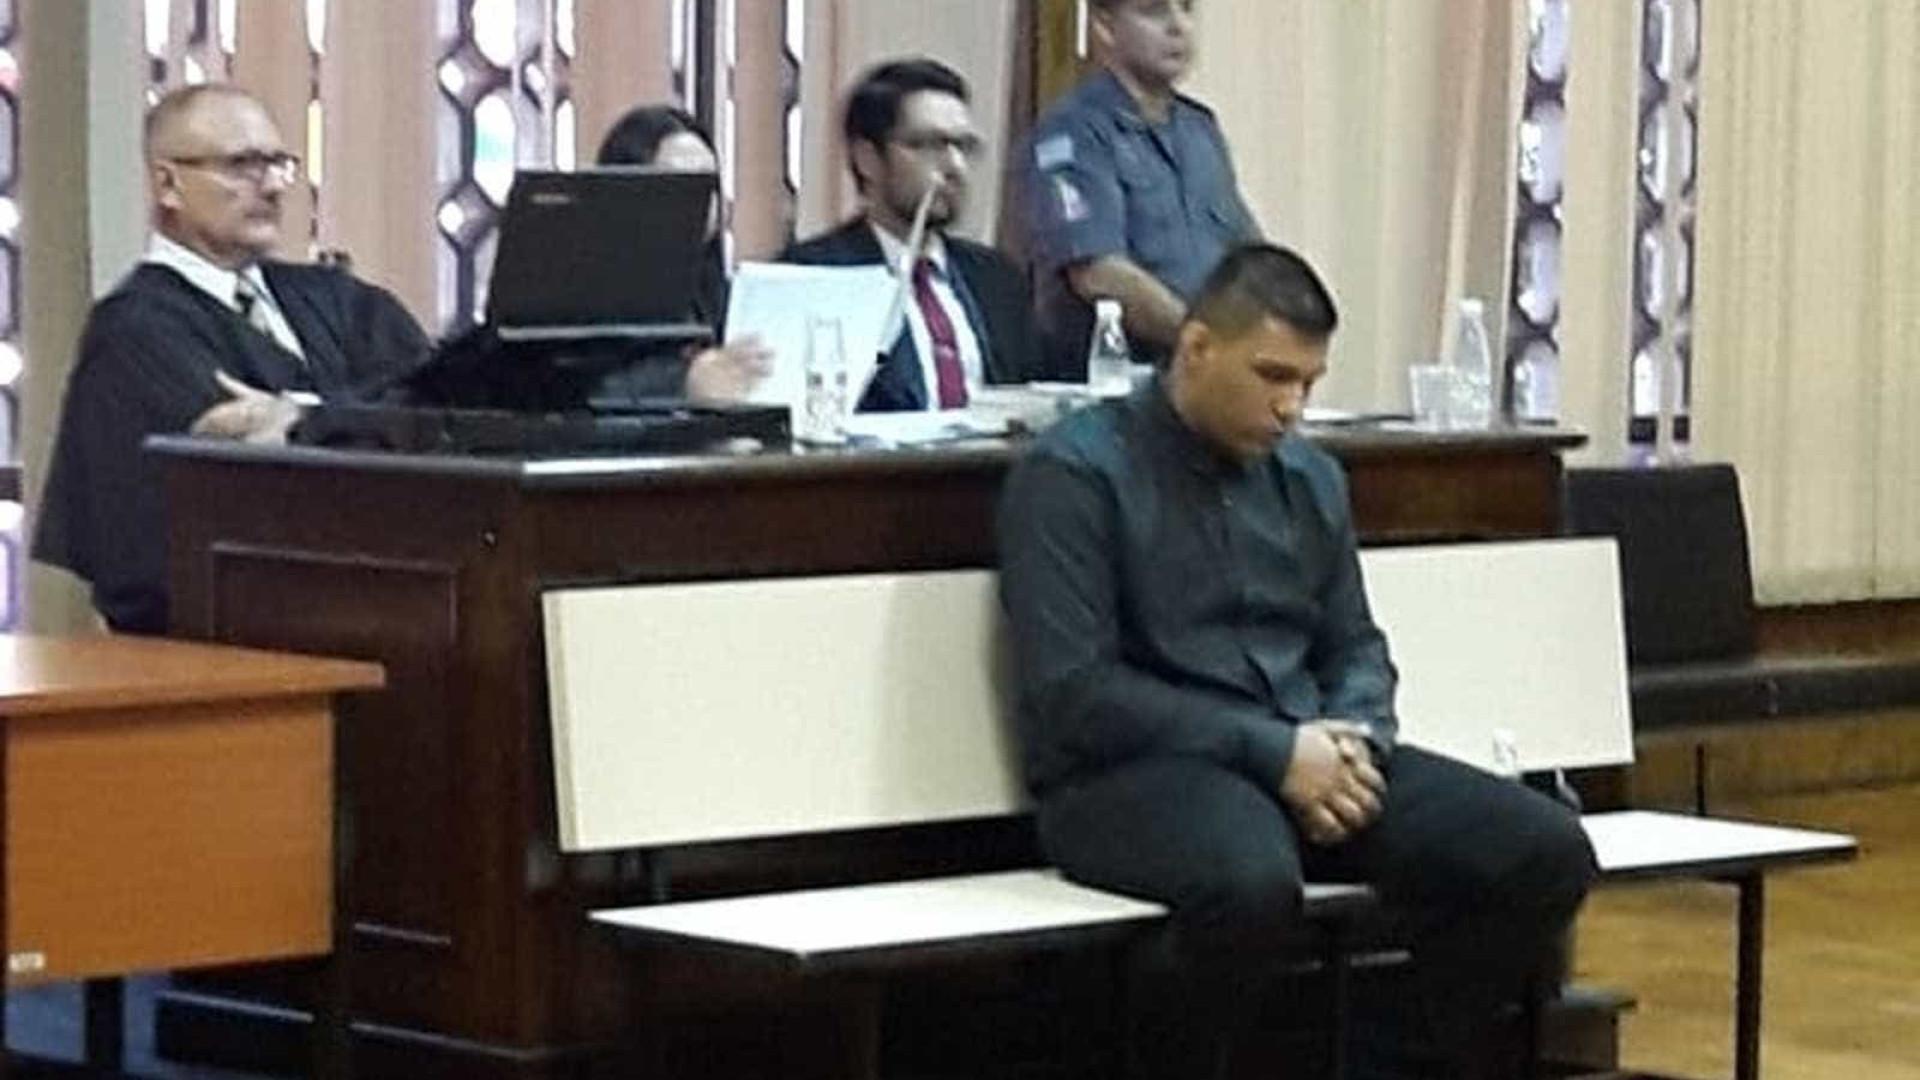 Lutador acusado de agredir ex-mulher é condenado a sete anos de prisão